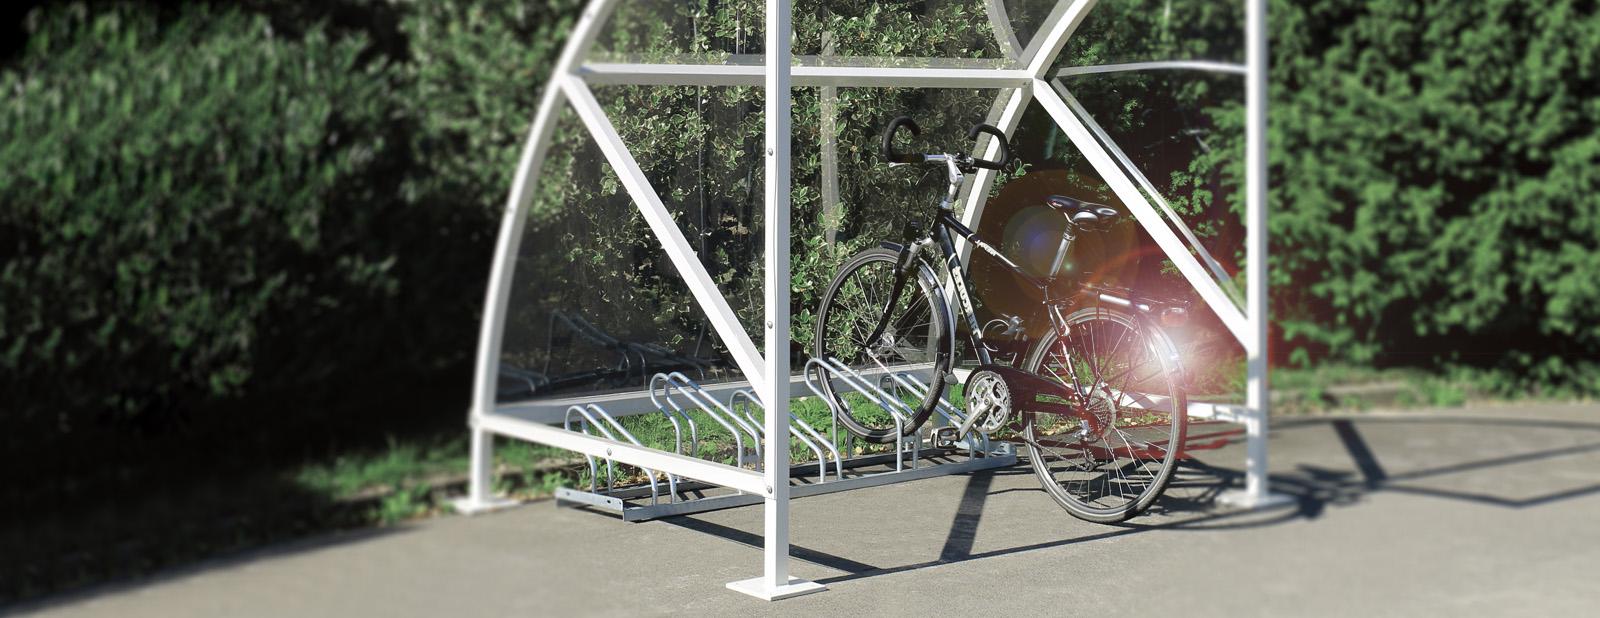 Fahrradstander Fur Den Betrieb Jungheinrich Profishop